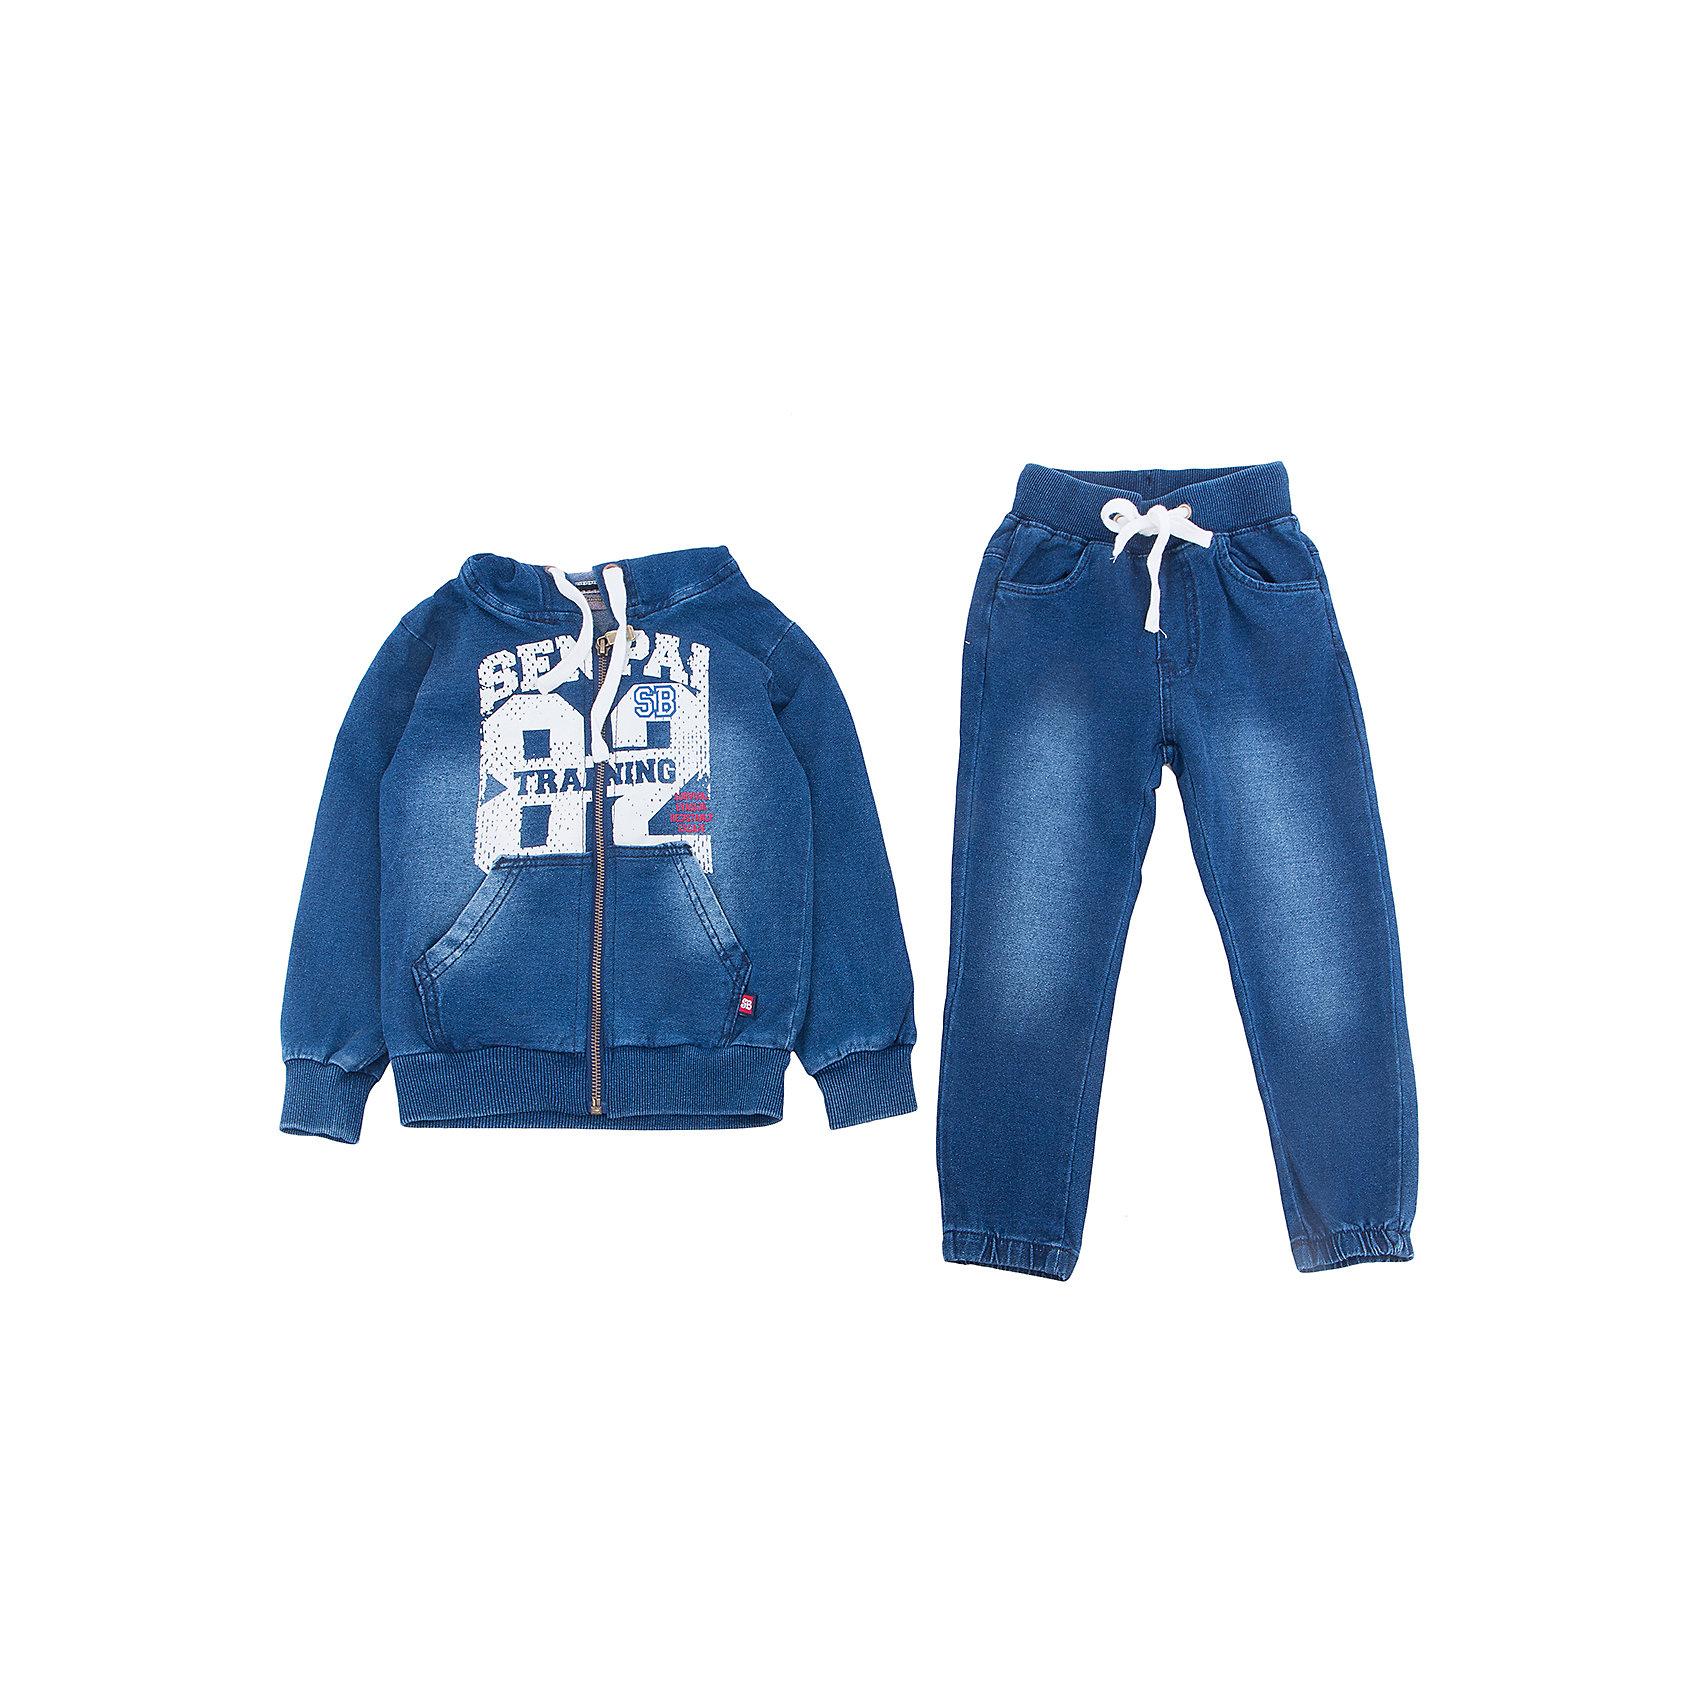 Спортивный костюм для мальчика Sweet BerryКомплекты<br>Спортивный трикотажный костюм для мальчика.  Куртка застегивается на молнию и декорирована принтом. Брюки спортивного стиля с зауженным низом собранные на мягкую резинку. Пояс-резинка дополнен шнуром для регулирования объема.<br>Состав:<br>95%хлопок 5%эластан<br><br>Ширина мм: 247<br>Глубина мм: 16<br>Высота мм: 140<br>Вес г: 225<br>Цвет: синий<br>Возраст от месяцев: 36<br>Возраст до месяцев: 48<br>Пол: Мужской<br>Возраст: Детский<br>Размер: 104,98,110,116,122,128<br>SKU: 5410595